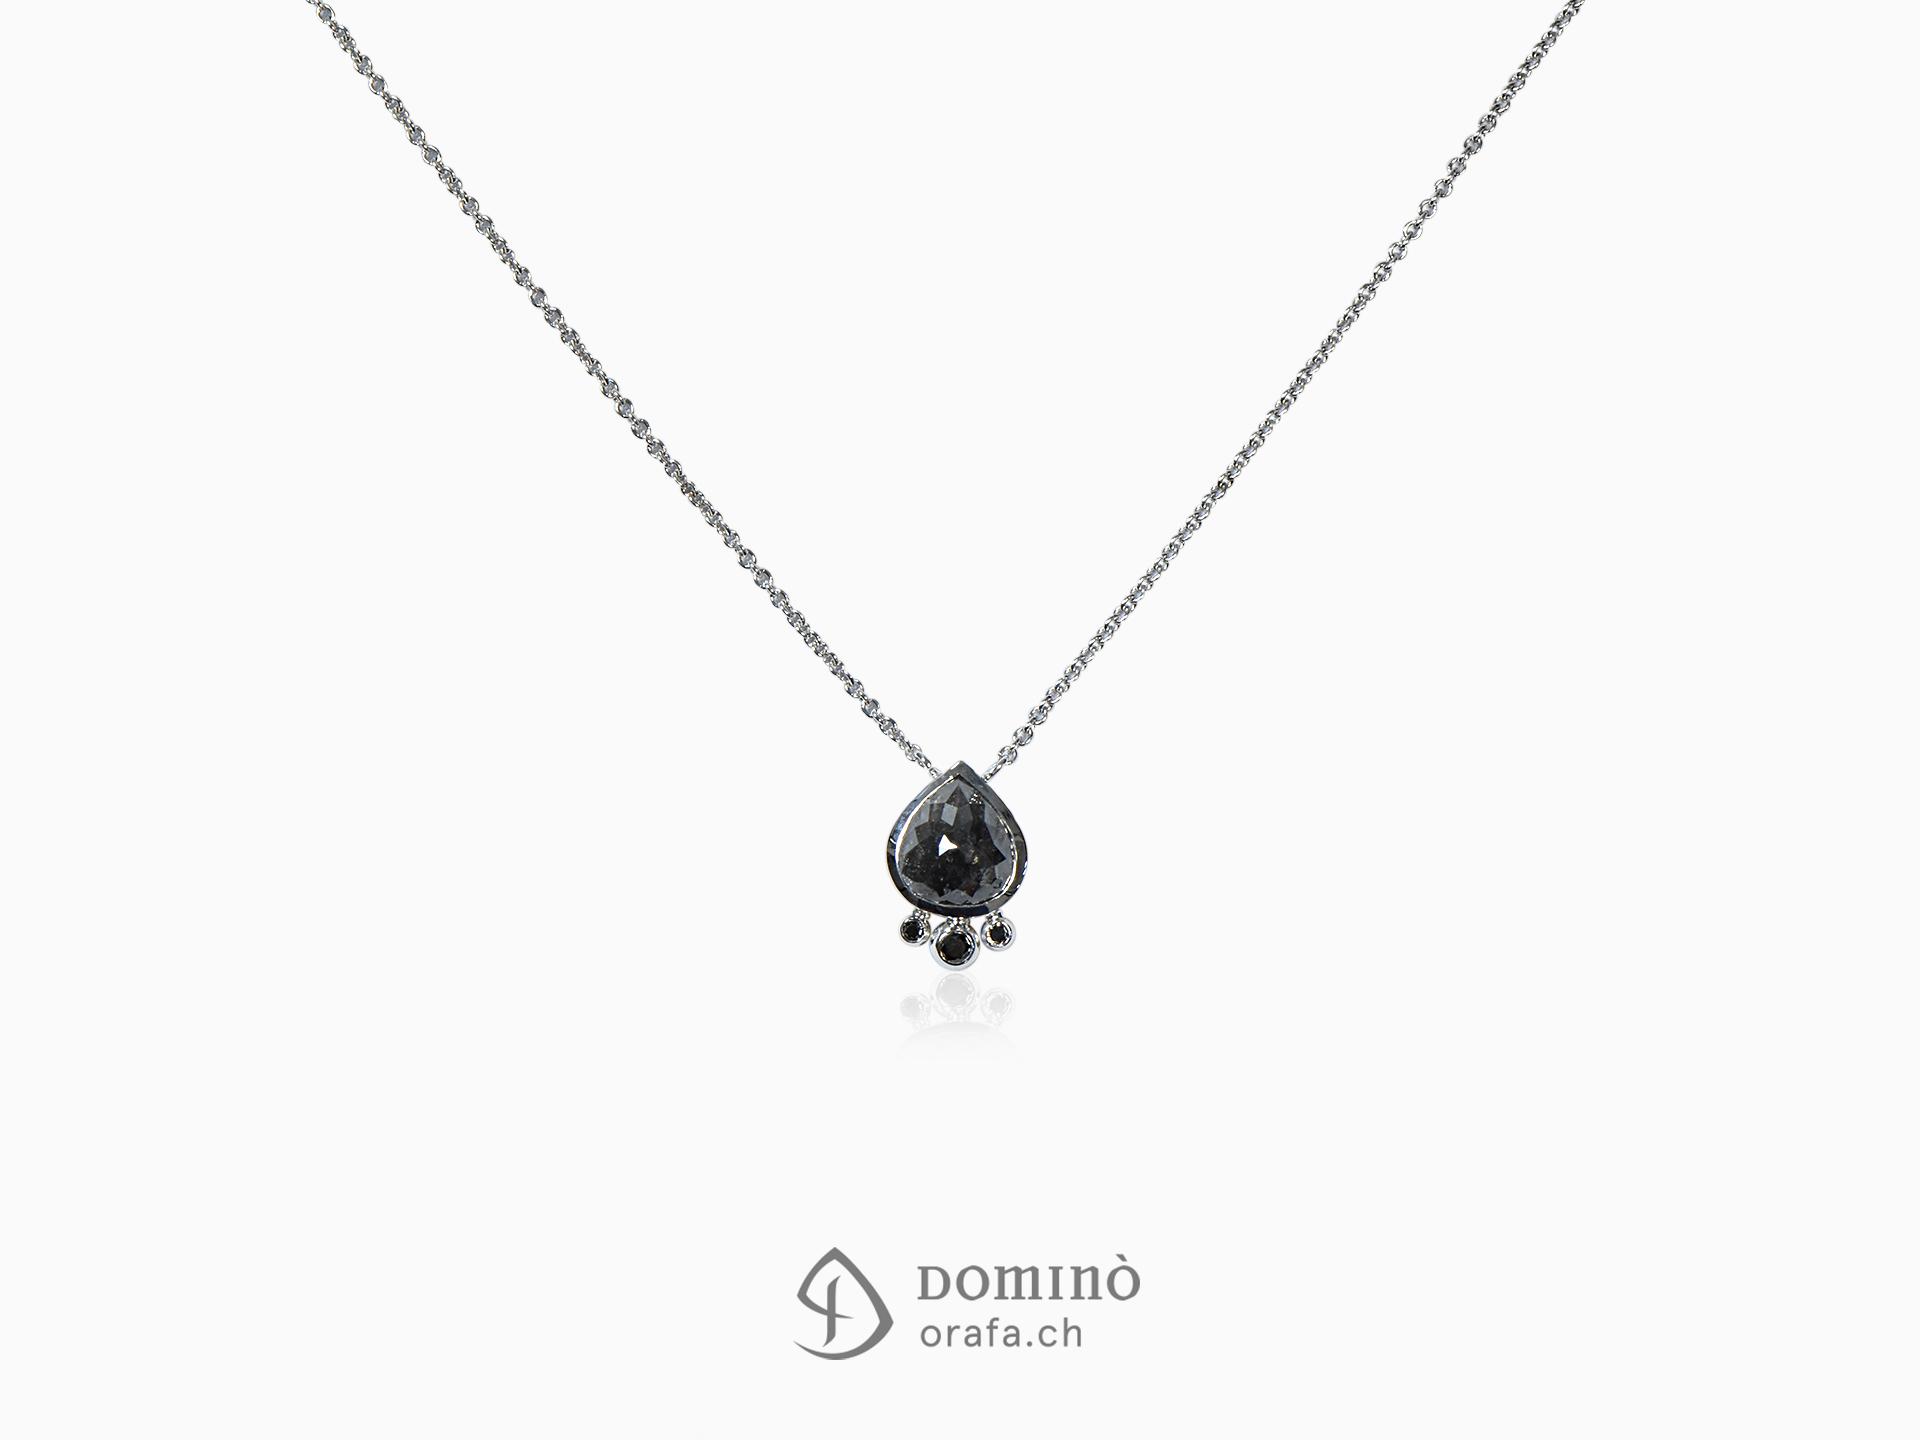 Collier in oro bianco e diamanti neri